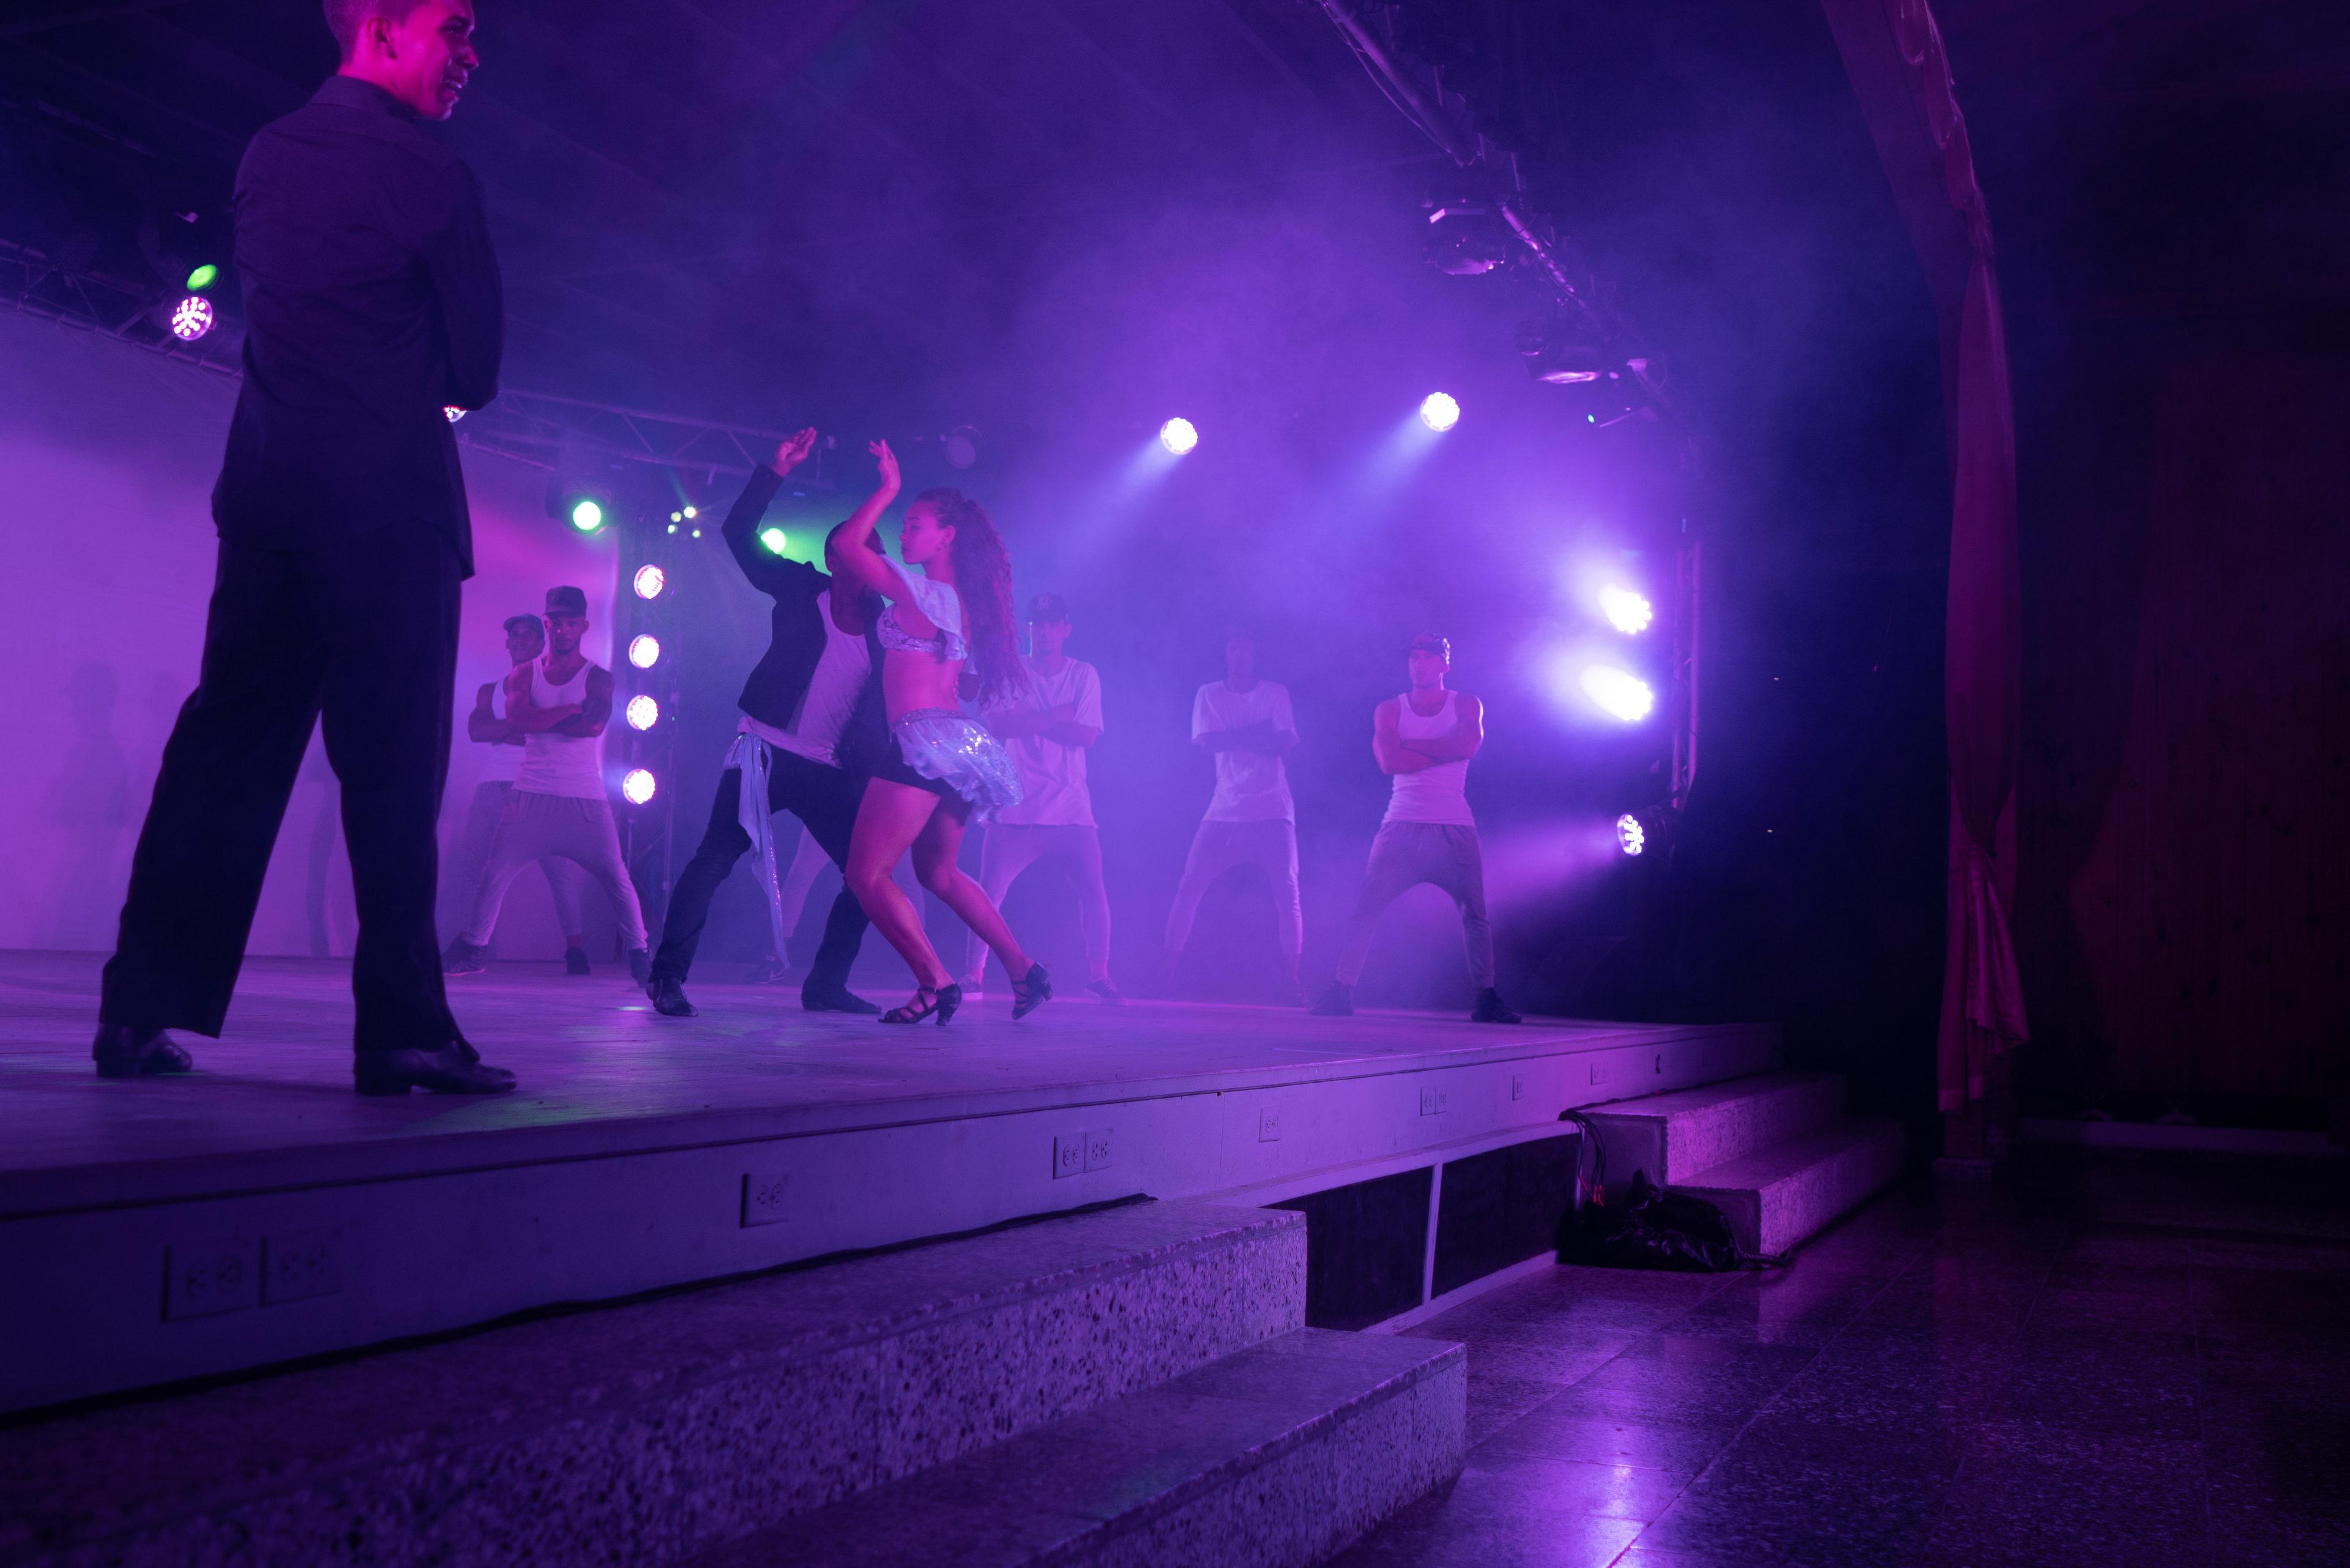 Ein Paar tanzt Salsa in einer Tanzshow in Havanna